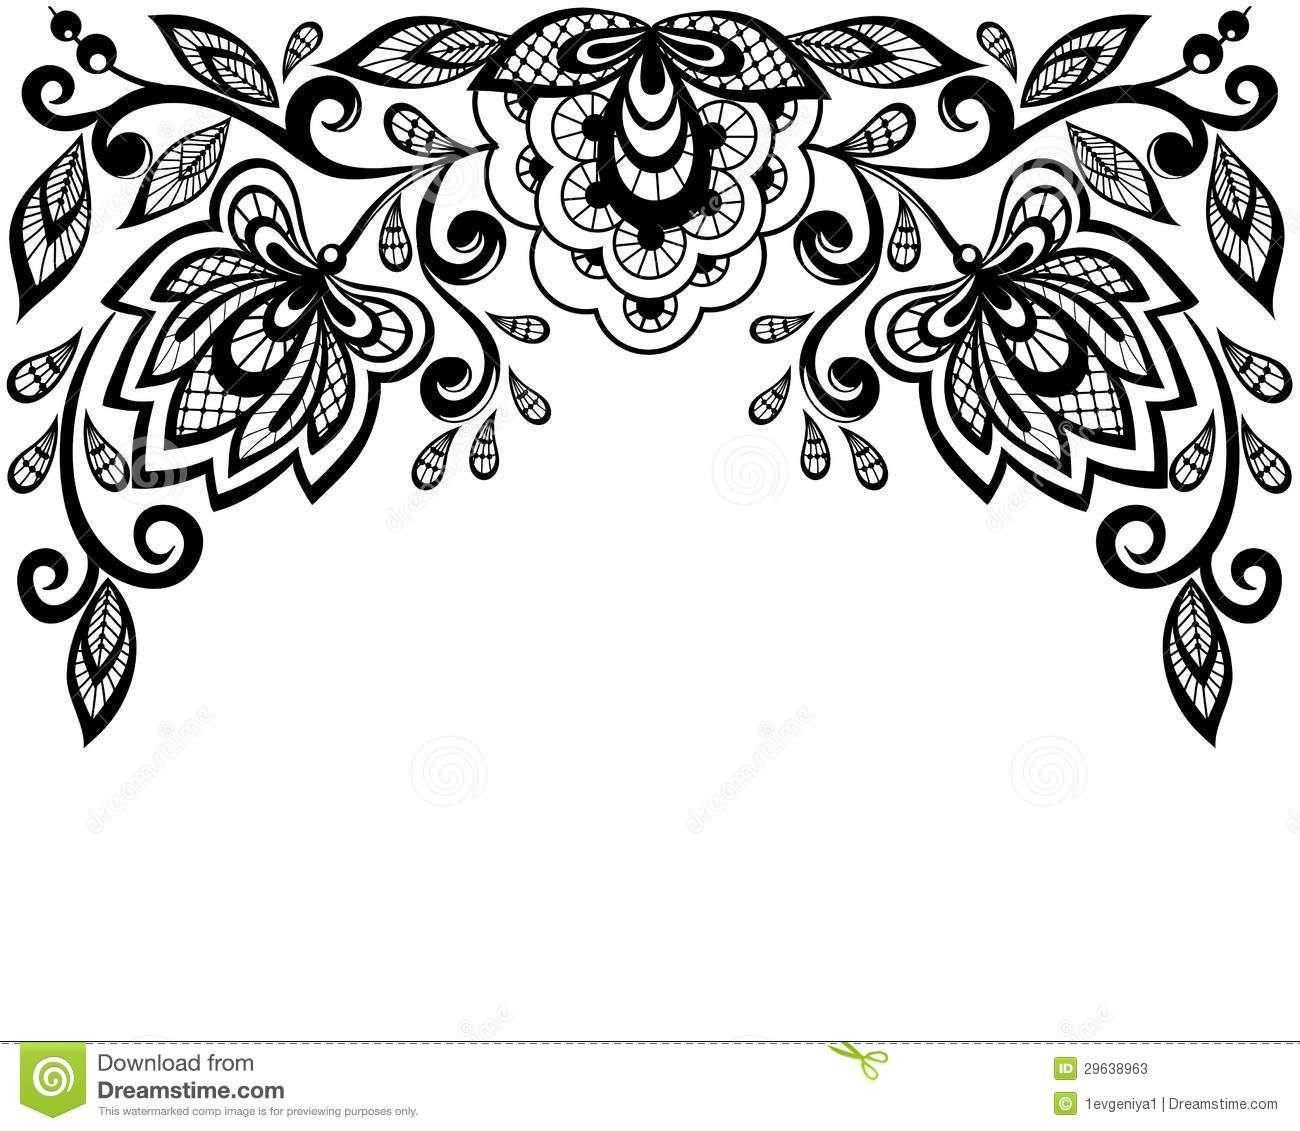 Leaves Clip Art Black And White Border